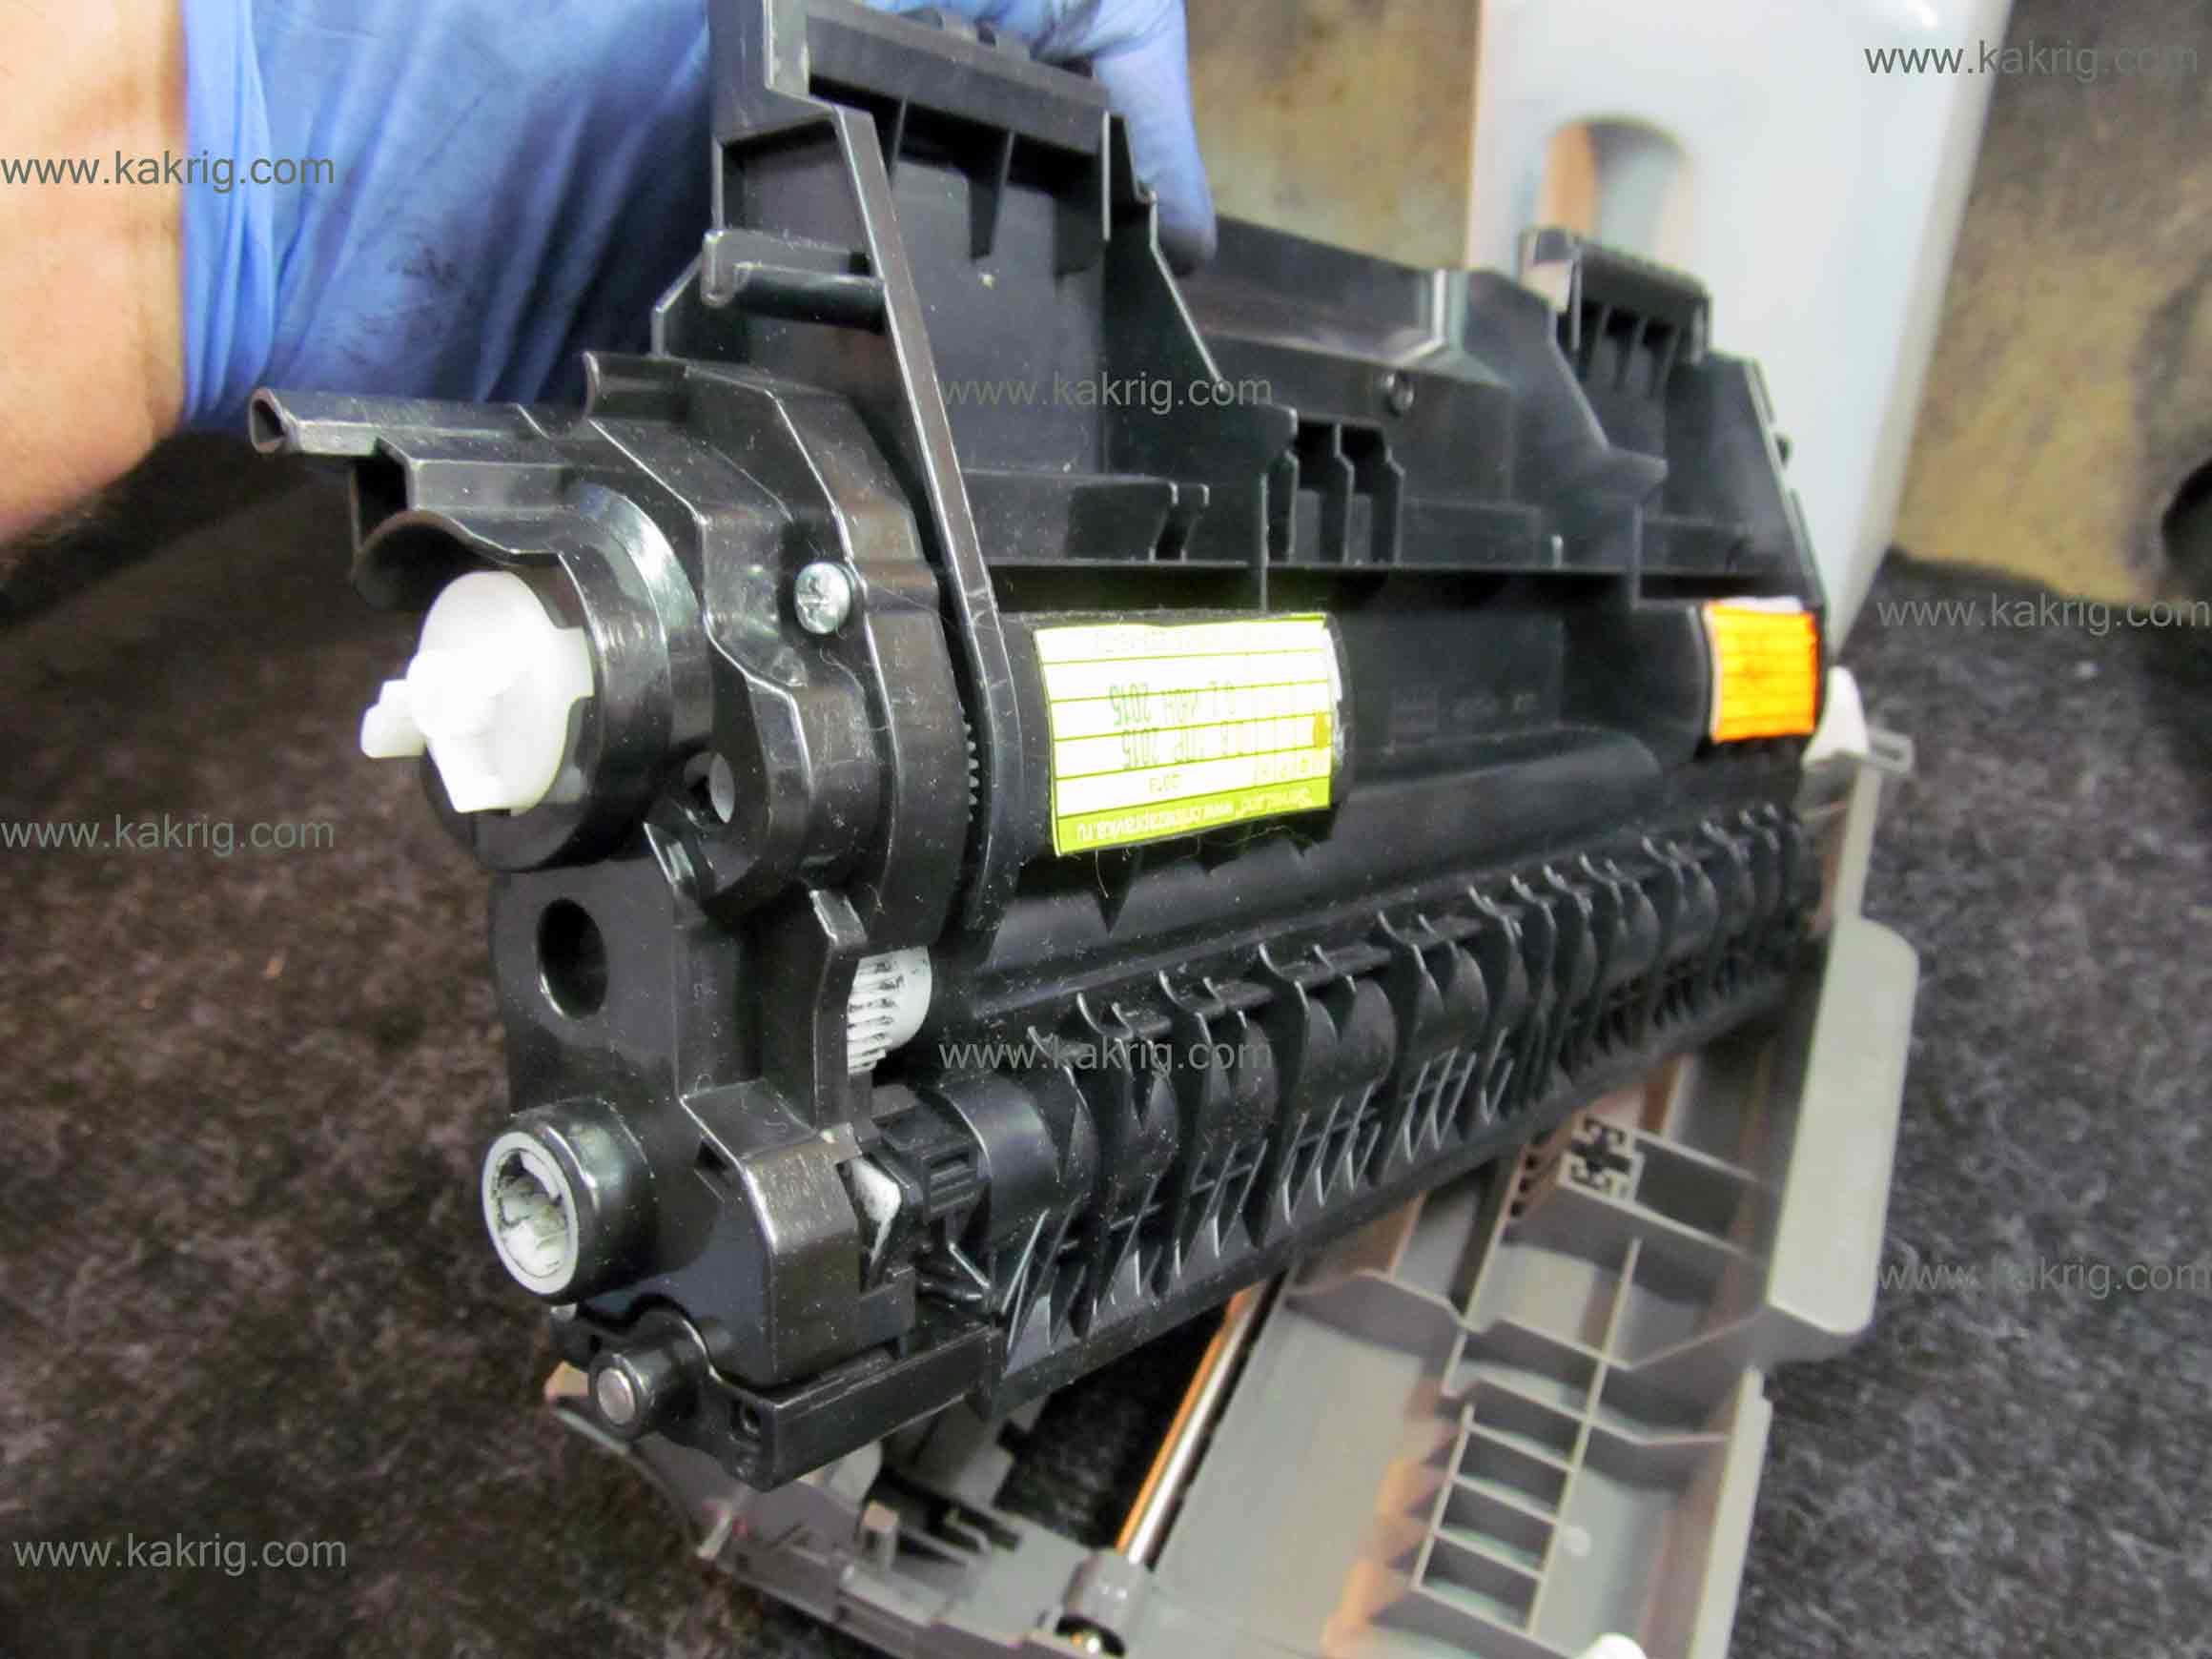 tn-2080 инструкция по заправке